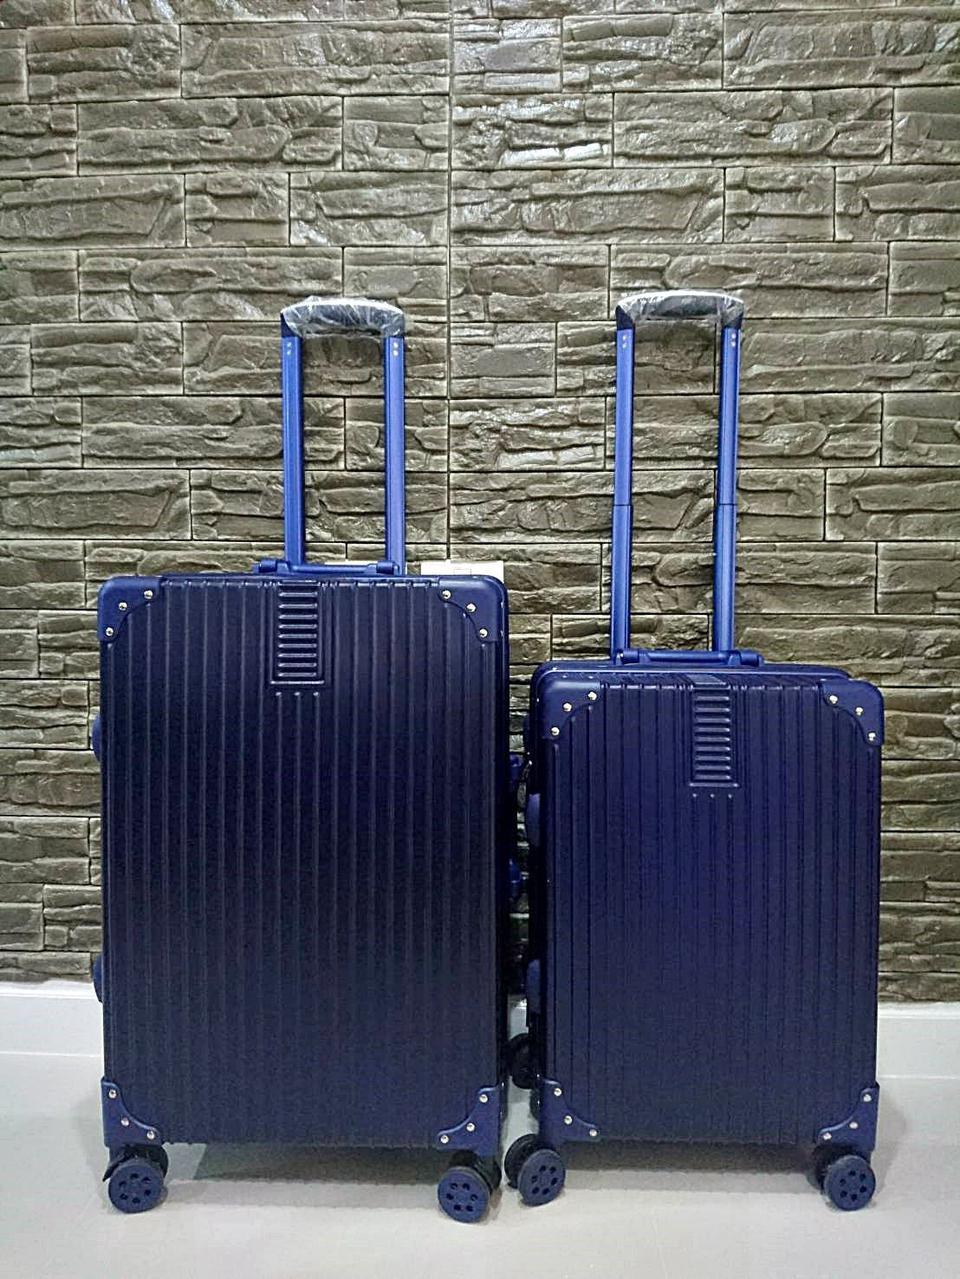 กระเป๋าเดินทาง ขอบอลูมิเนียม รุ่น คัลเลอร์ฟูล รูปที่ 2